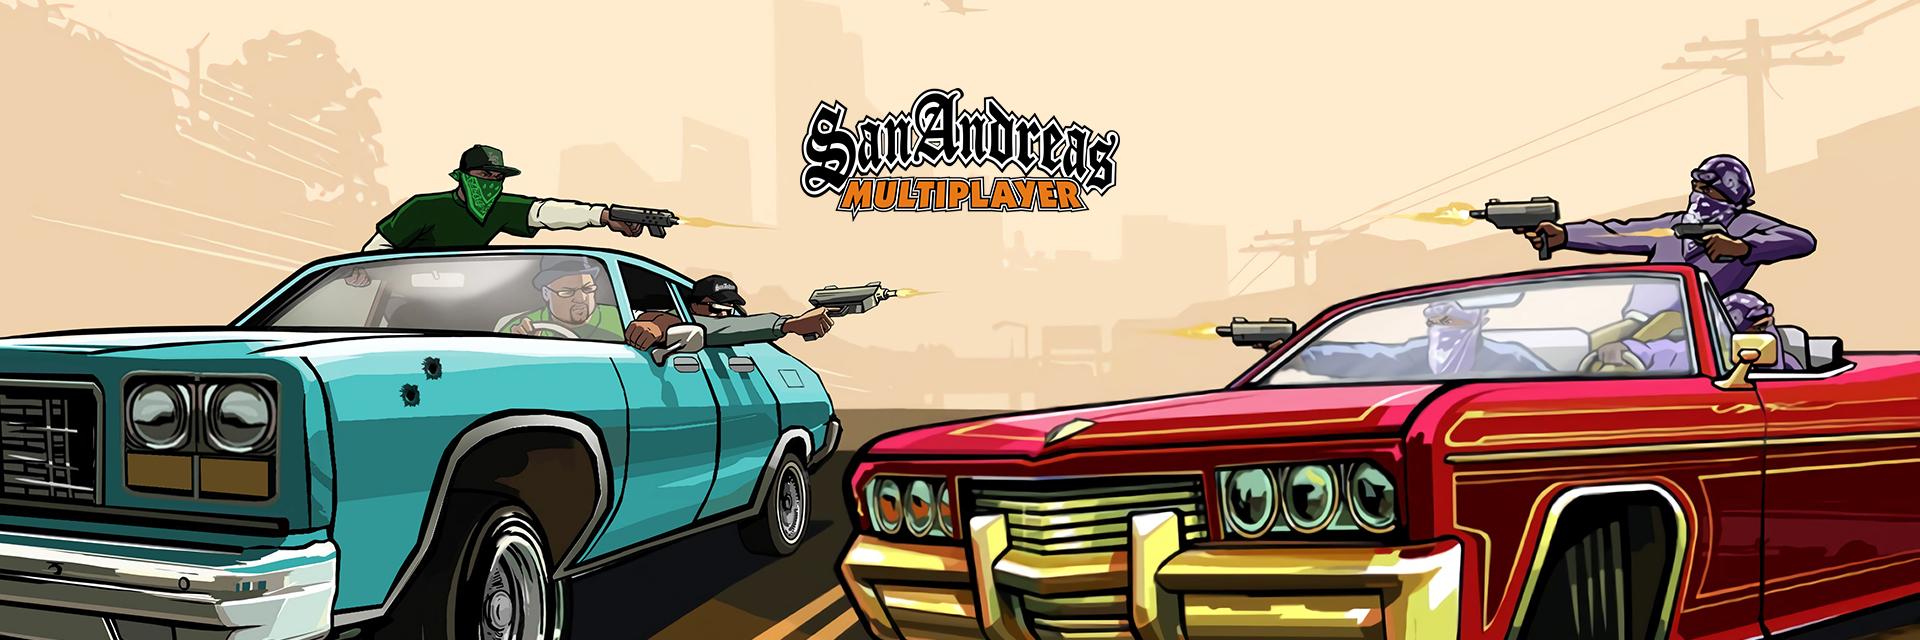 SA-MP: Bandaháború